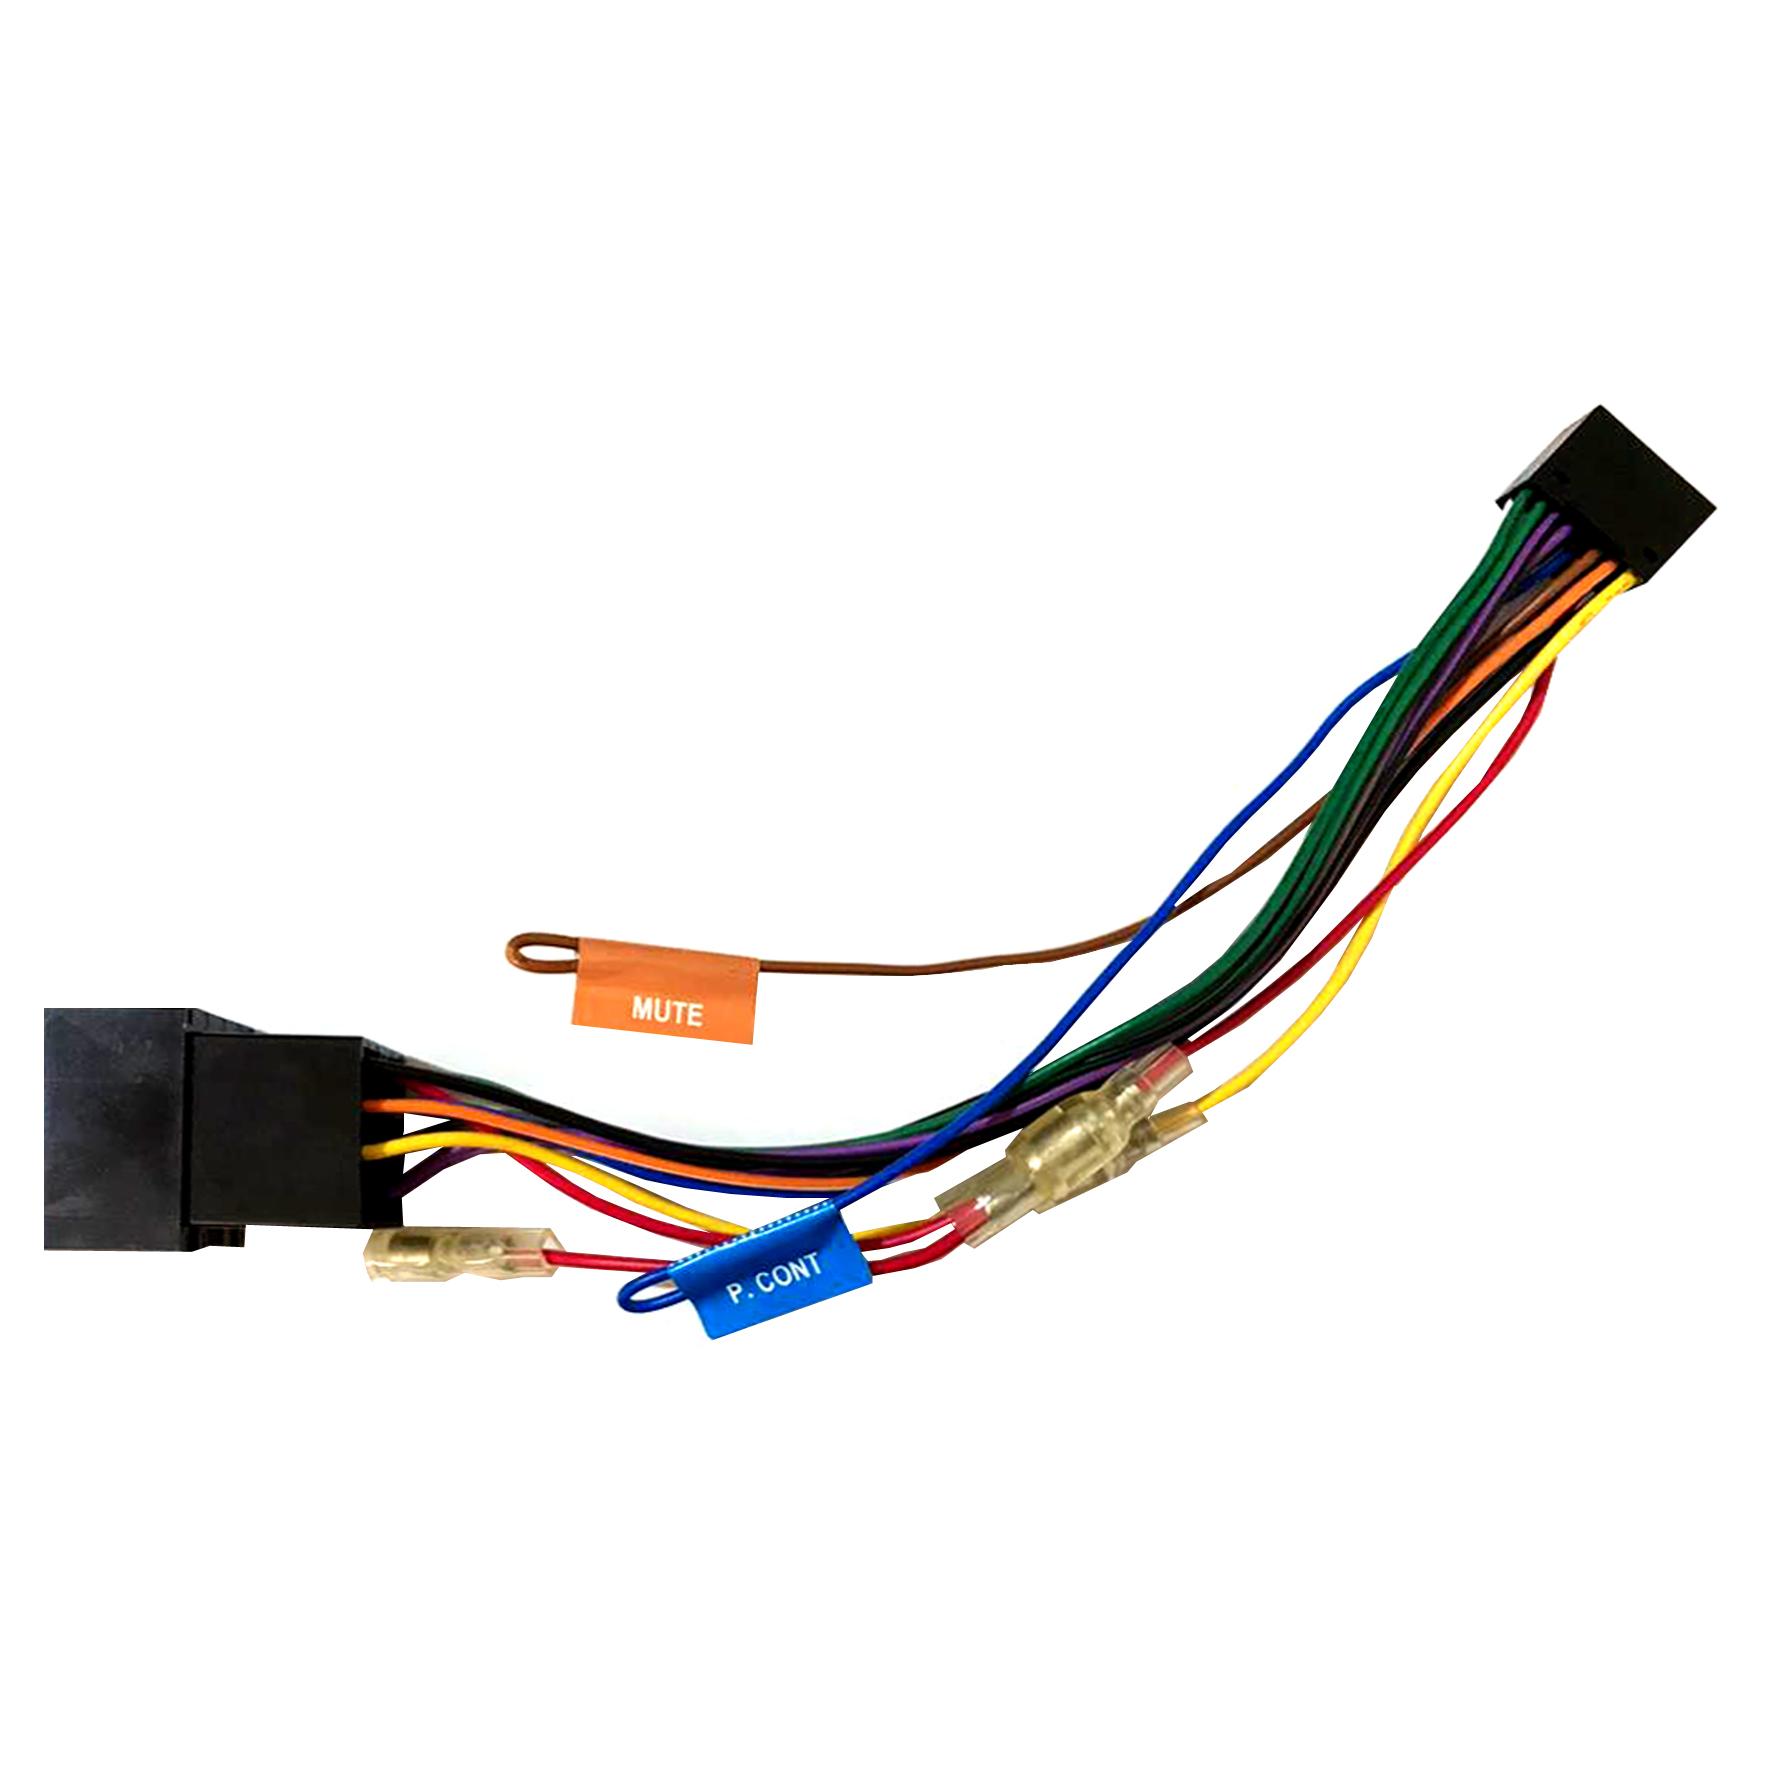 خرید اینترنتی                     سوکت پخش خودرو مدل KEN-01 مناسب برای پخش کنوود             با قیمت مناسب